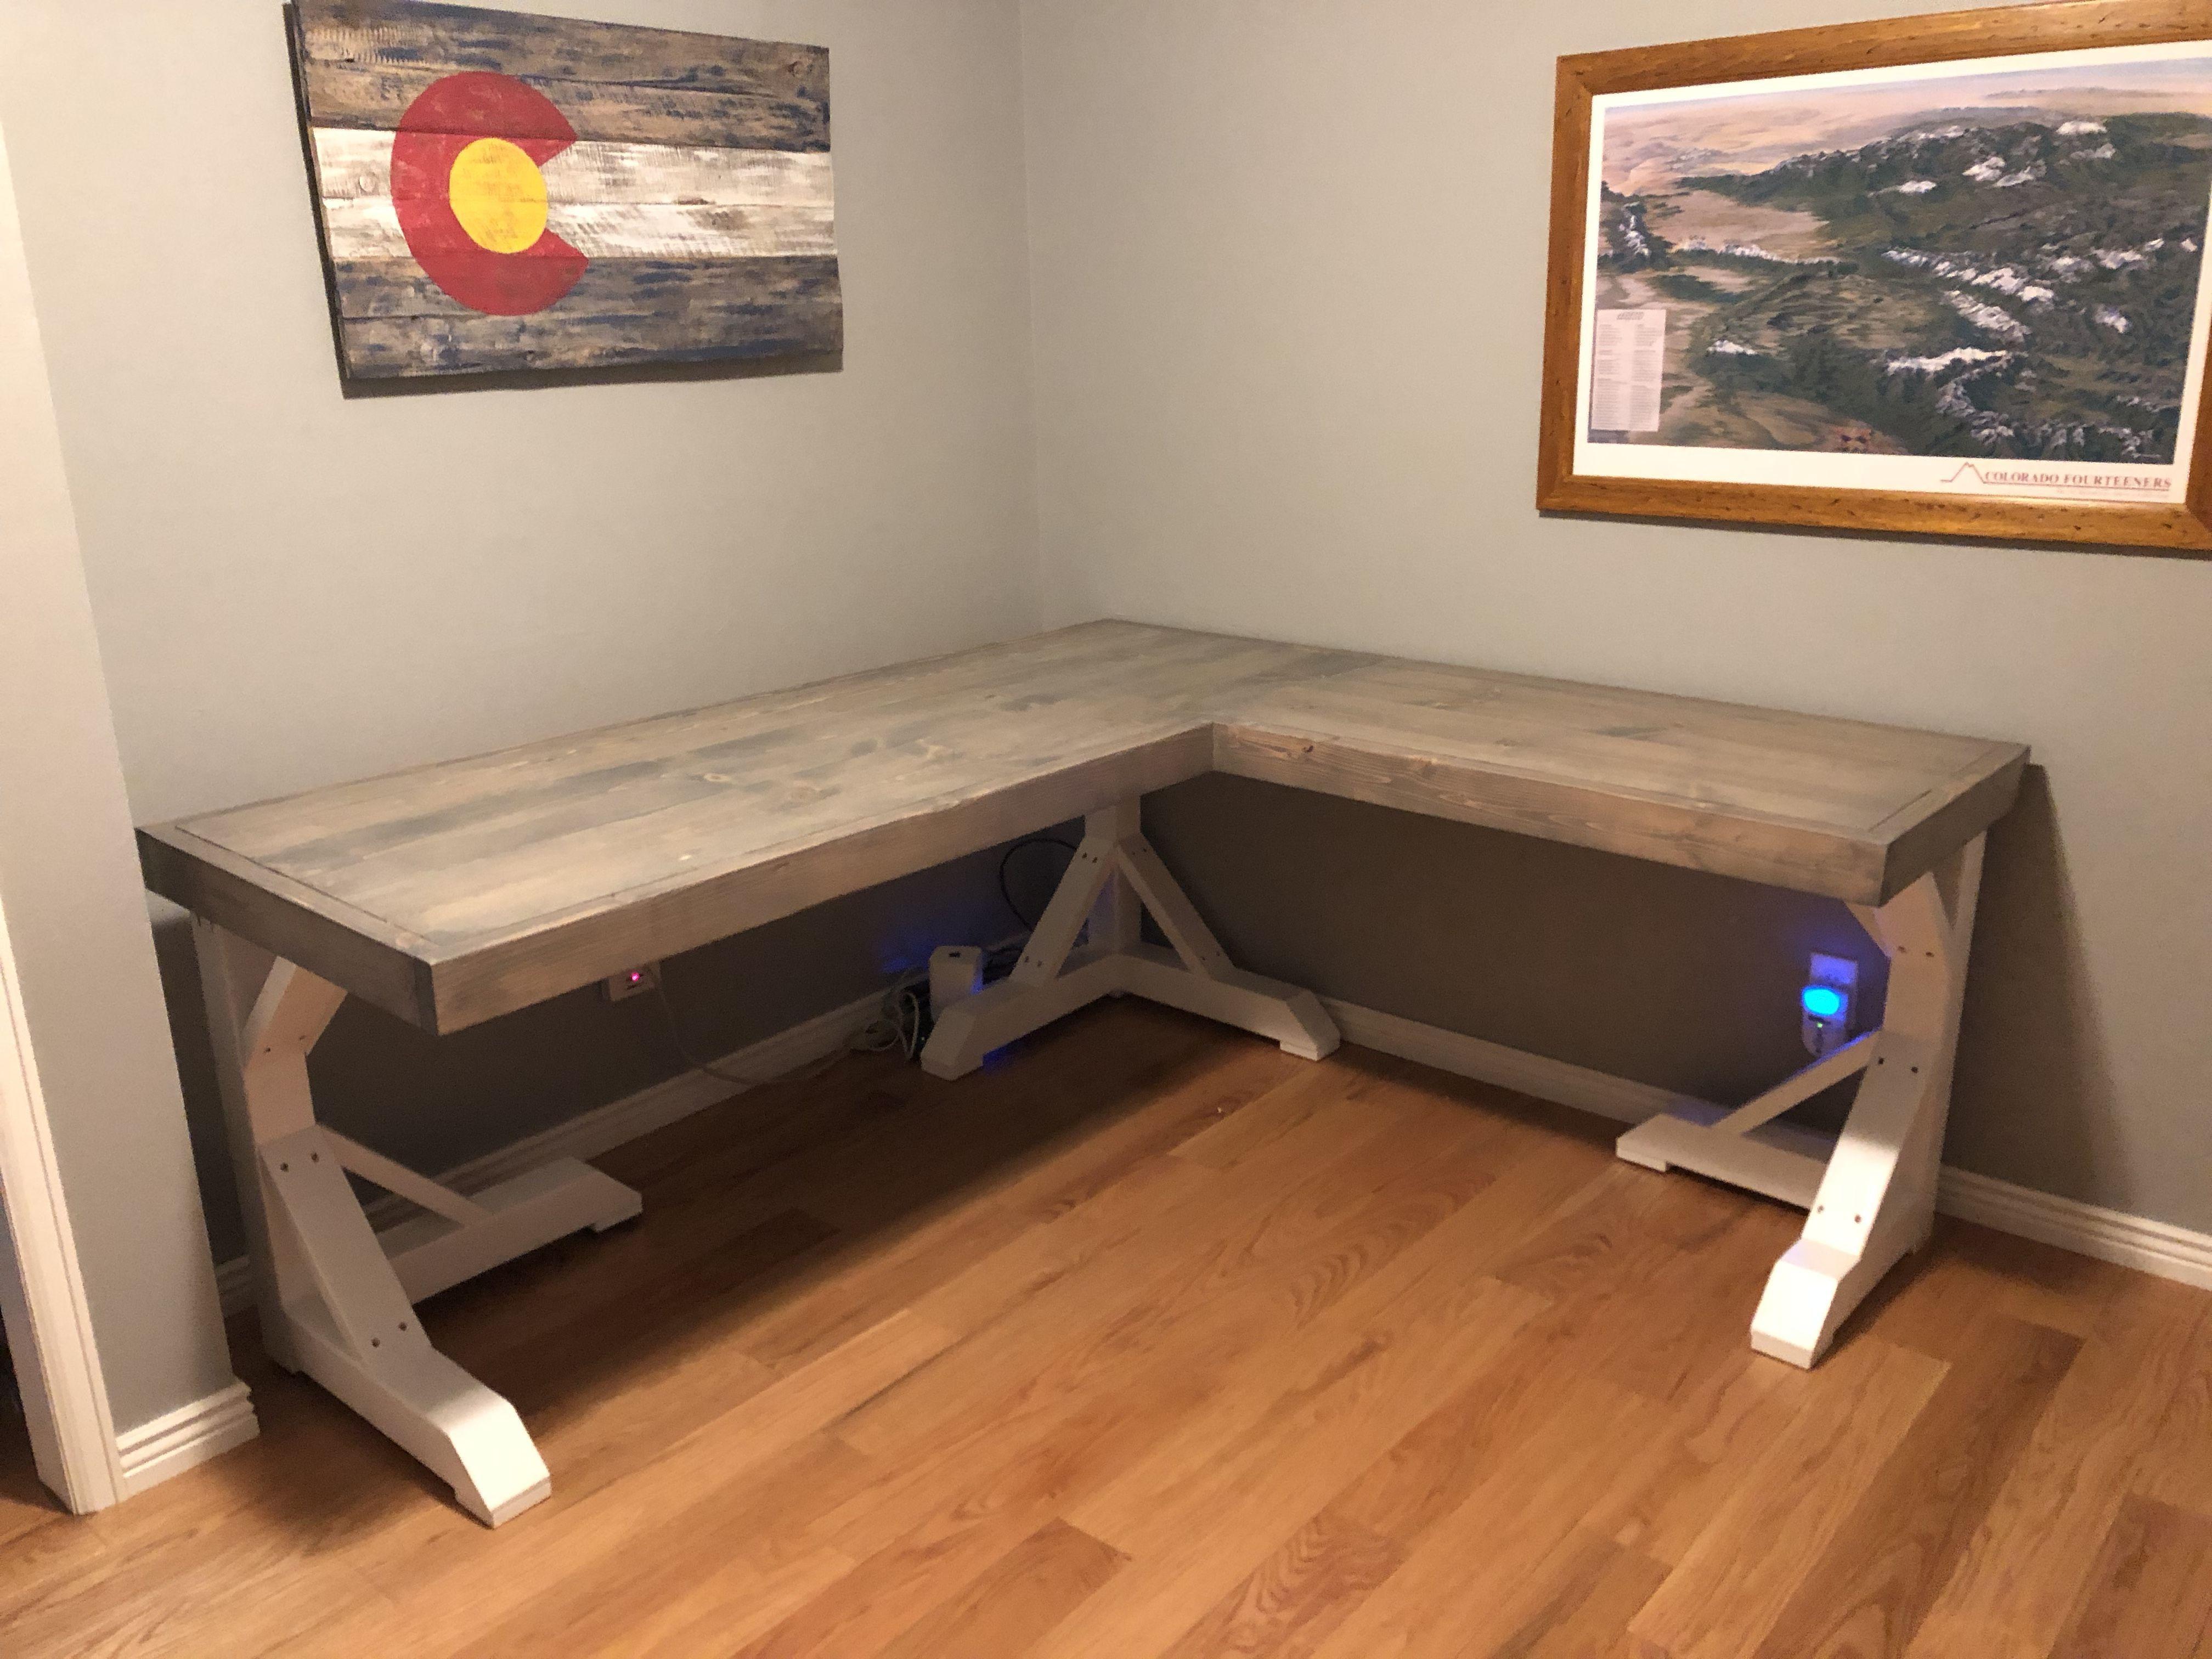 Home Office Modern L Shaped Desk Us 360 Free Rotating Corner Desk With Shelves Affilink Desk Desksetup Ho Diy Corner Desk Diy Office Desk Diy Computer Desk